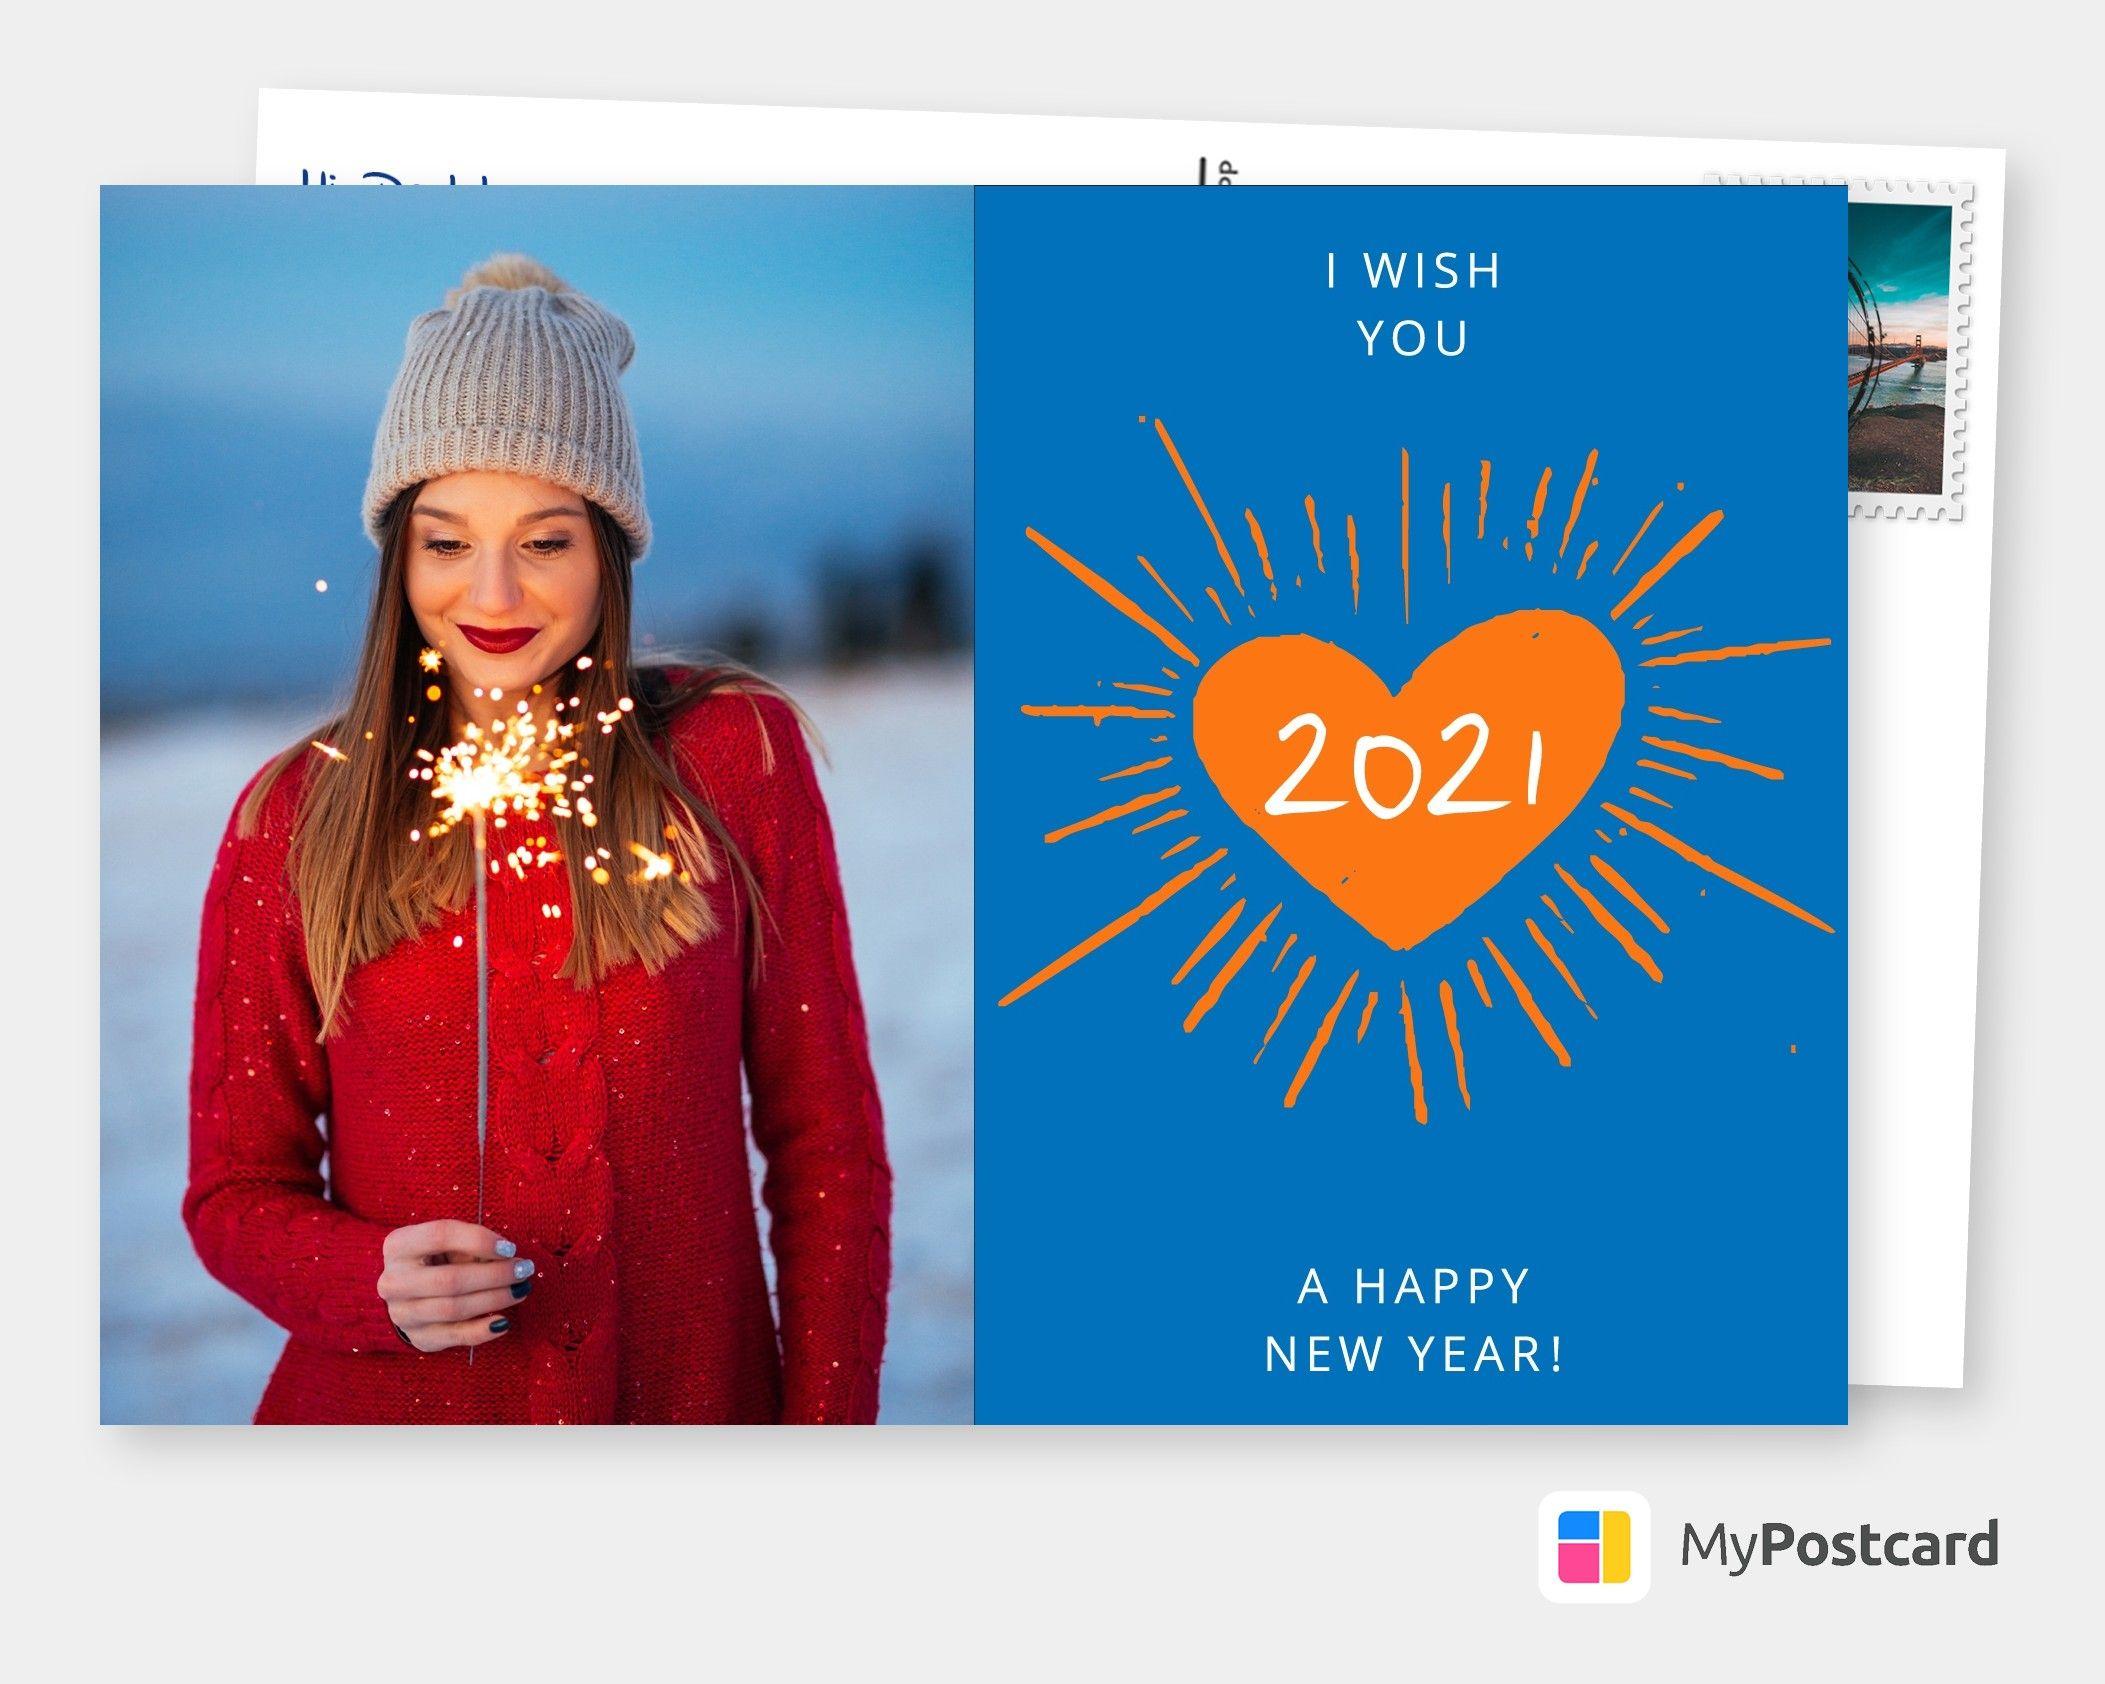 Neujahrswünsche mit MyPostcard versenden! Neujahrswünsche Bilder | Frohes Neues Jahr | Frohes Neues Jahr Karten | Frohes Neues Jahr Grüße | Neujahrswünsche Sprüche | Neujahrswünmsche Lustig | Neujahrsgrüße | Neues Jahr Wünsche | Silvester Karte | Prosit Neujahr | Neujahresgrüße | Prosit Neujahr Sprüche | Neujahrsgrüße Lustig | Neujahr Postkarte. I wish you a happy new year 2021. #Neujahr #Frohe #Neues #Jahr #Silvester #Karten #Postkarte #Neujahrsgrüße